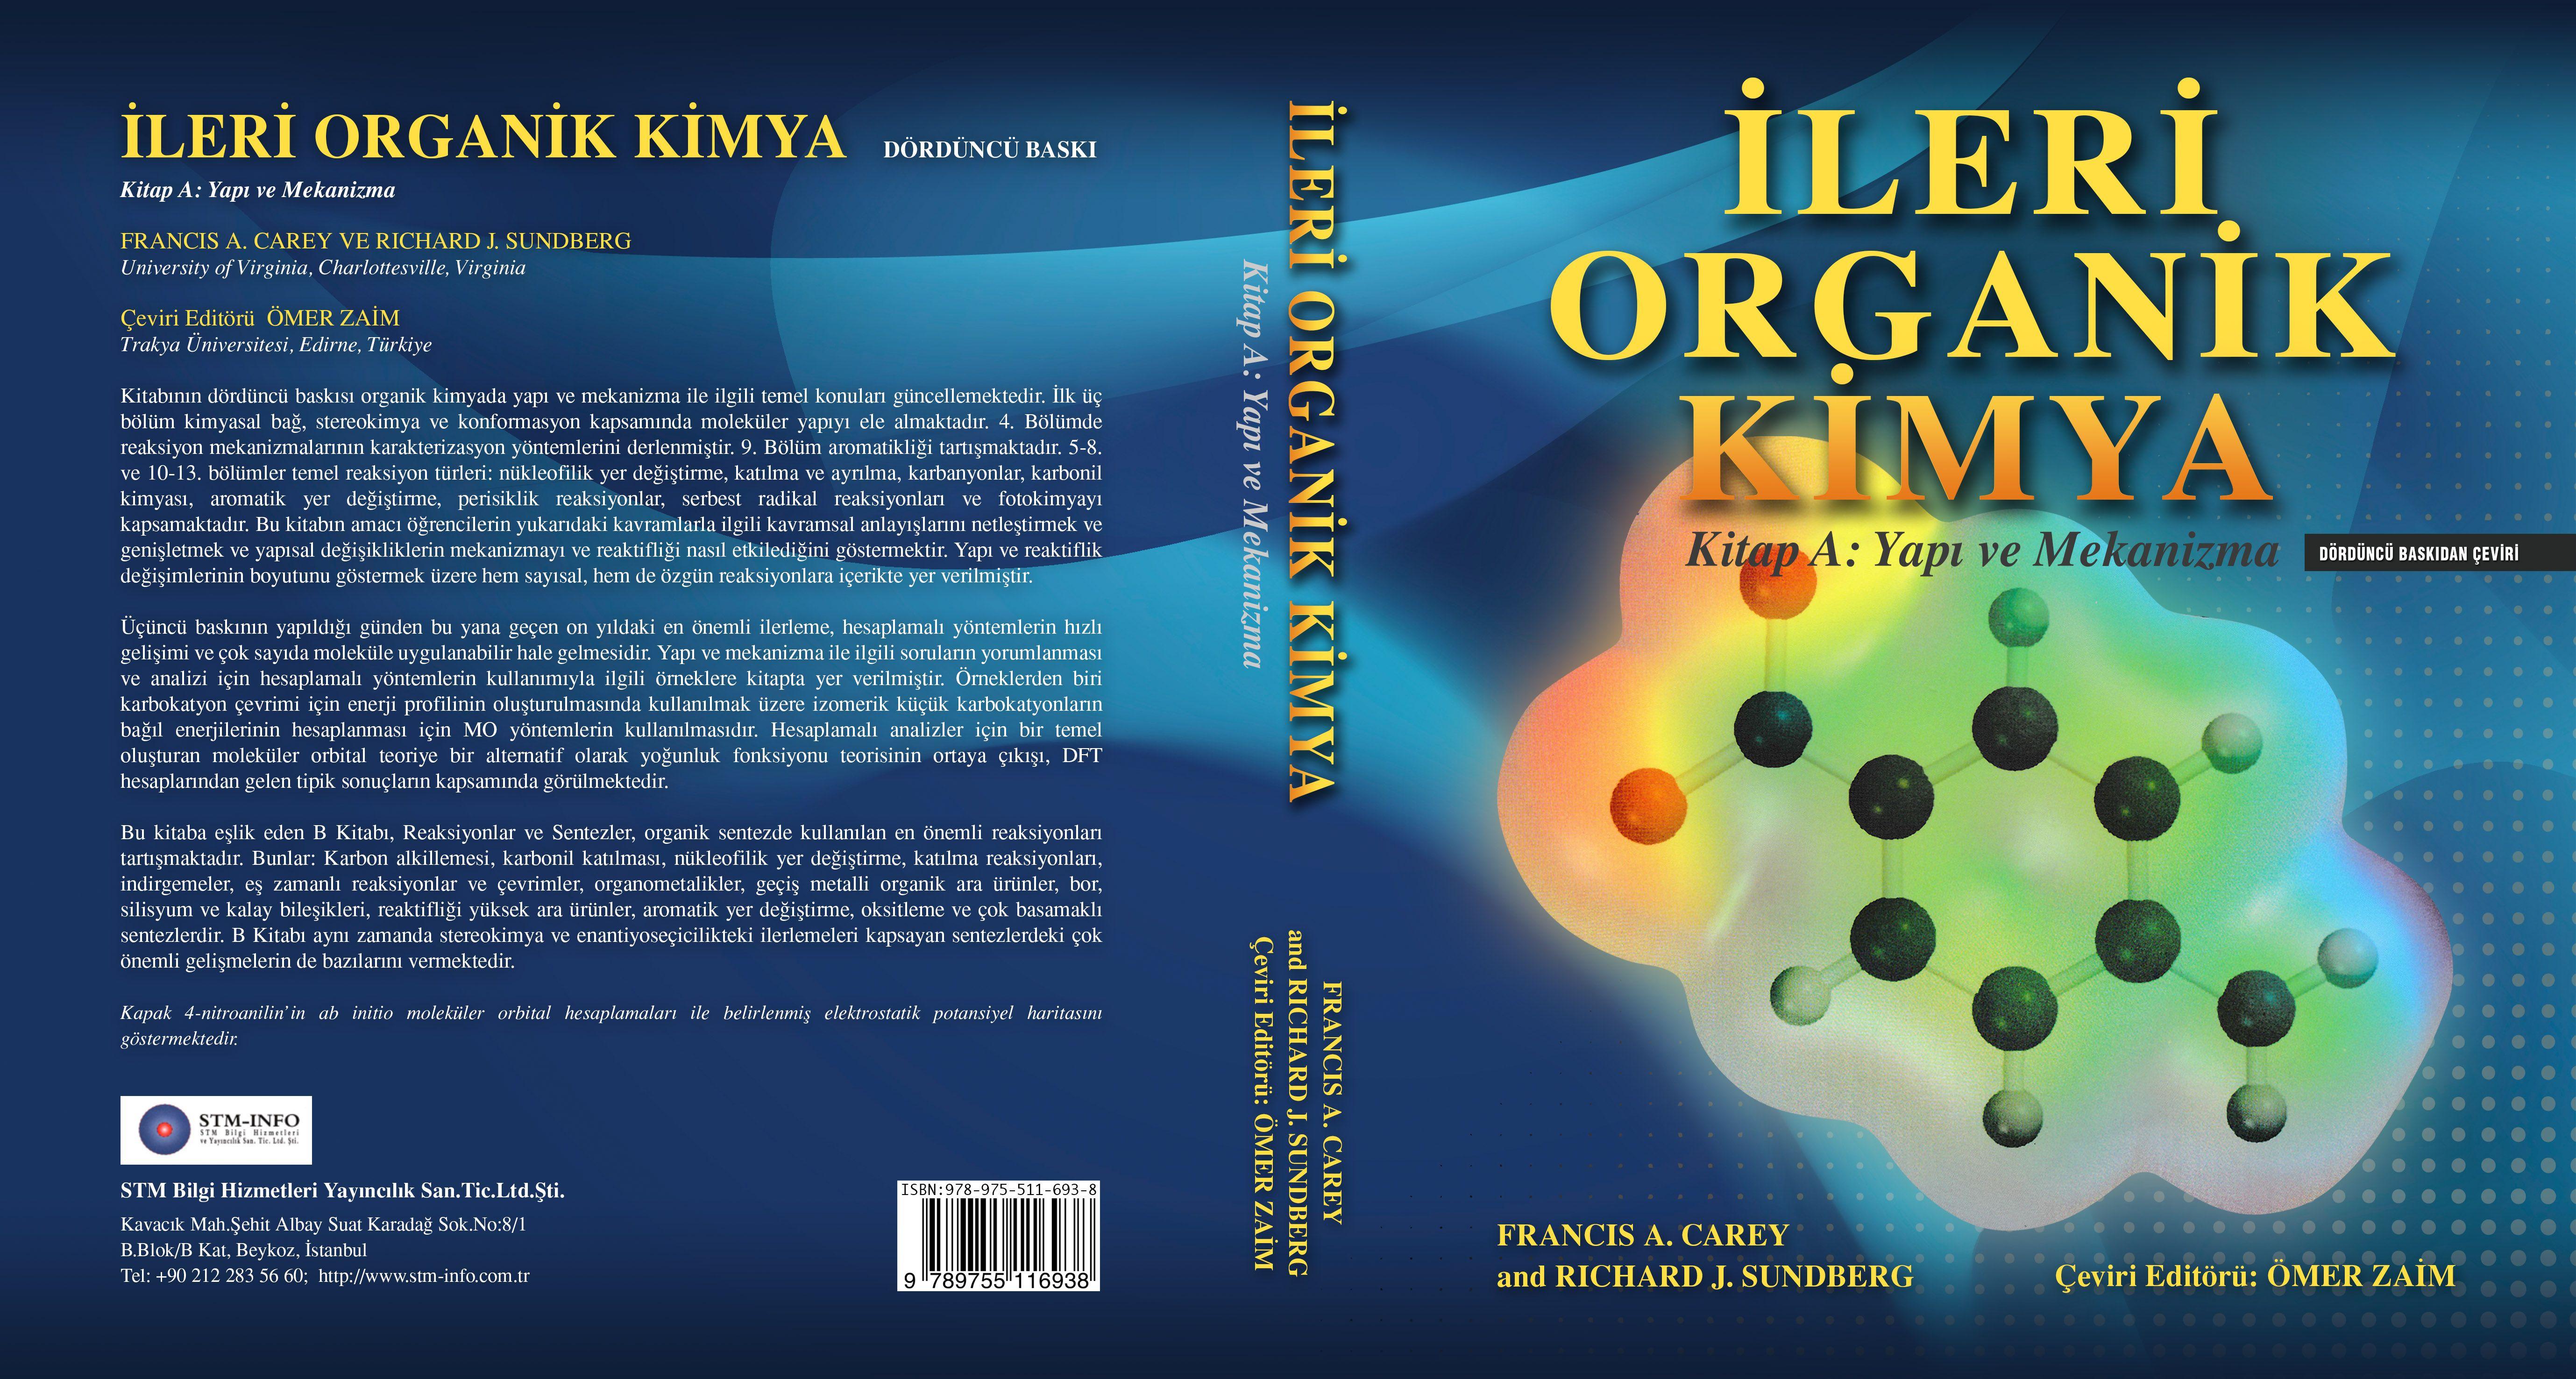 İleri Organik Kimya Kitabı Türkçe Çevirisi İle Yayında